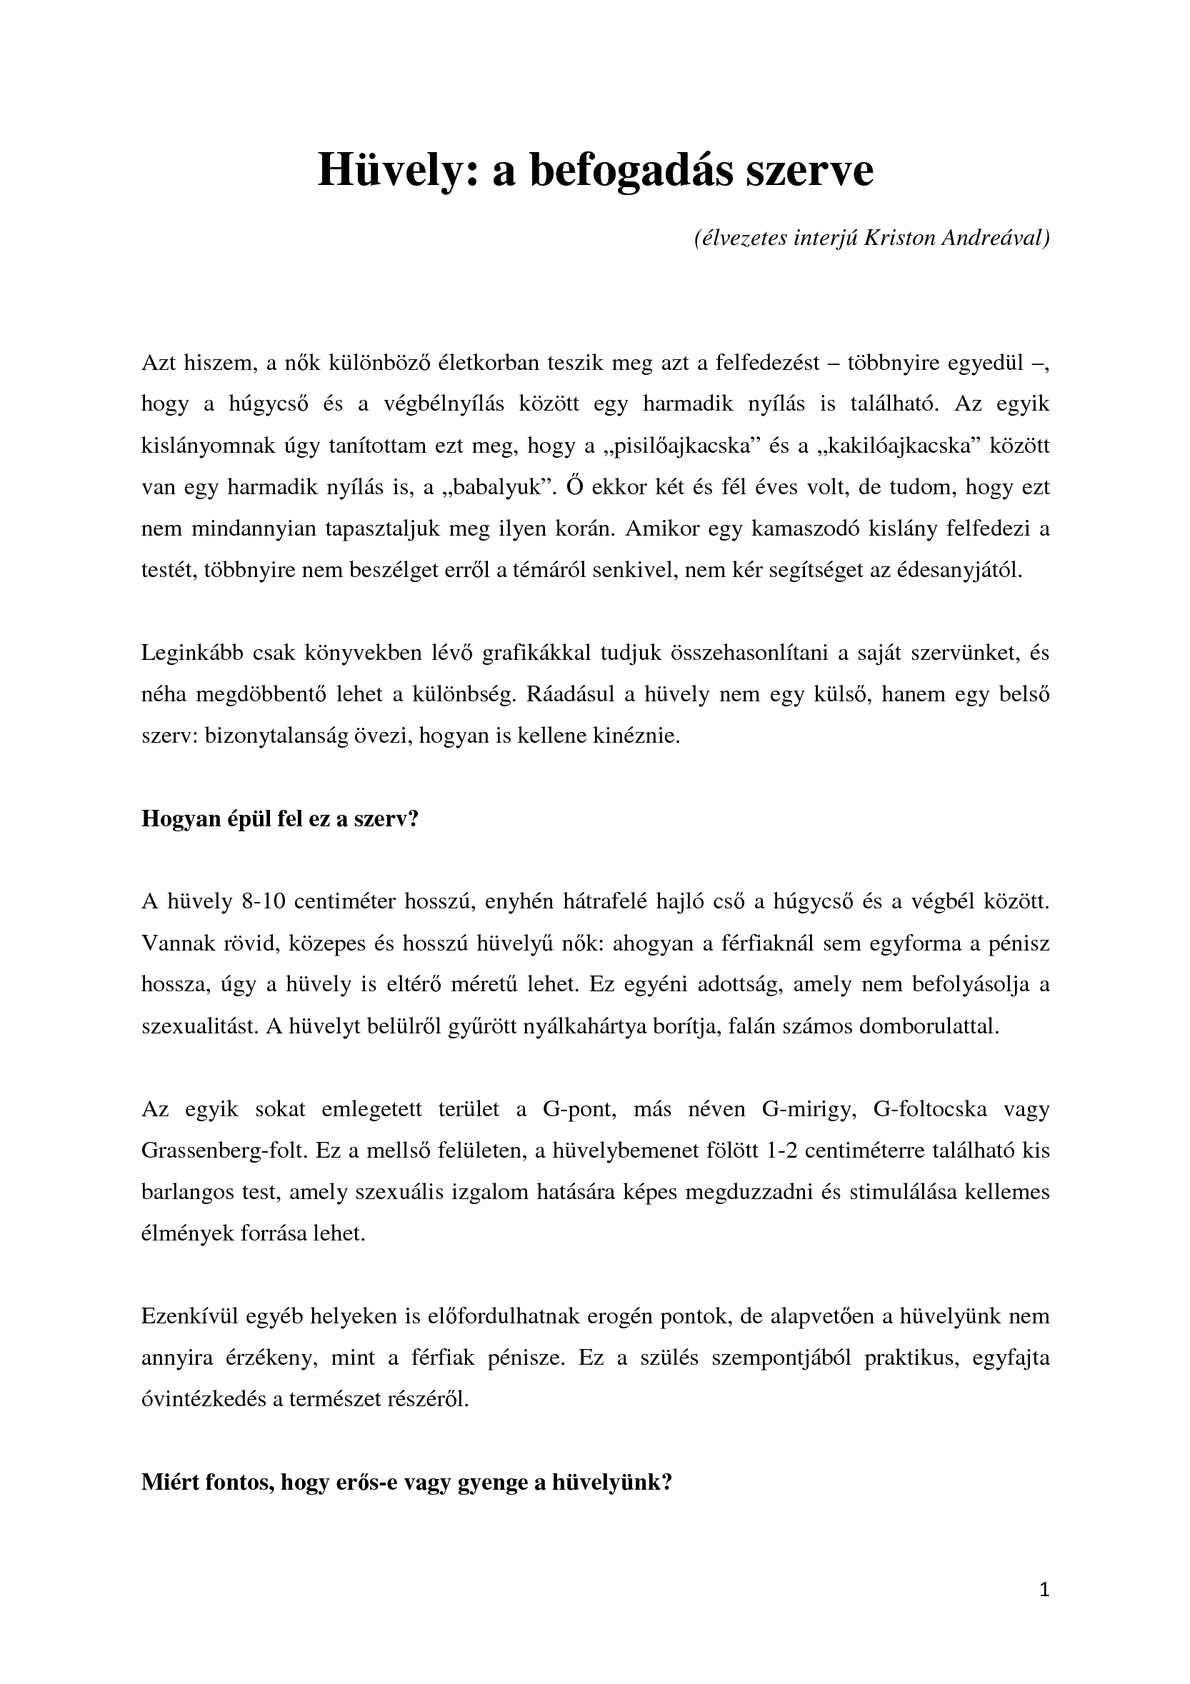 A makk-masszázs maszturbációs technika | Maszturbálátartozekstore.hu